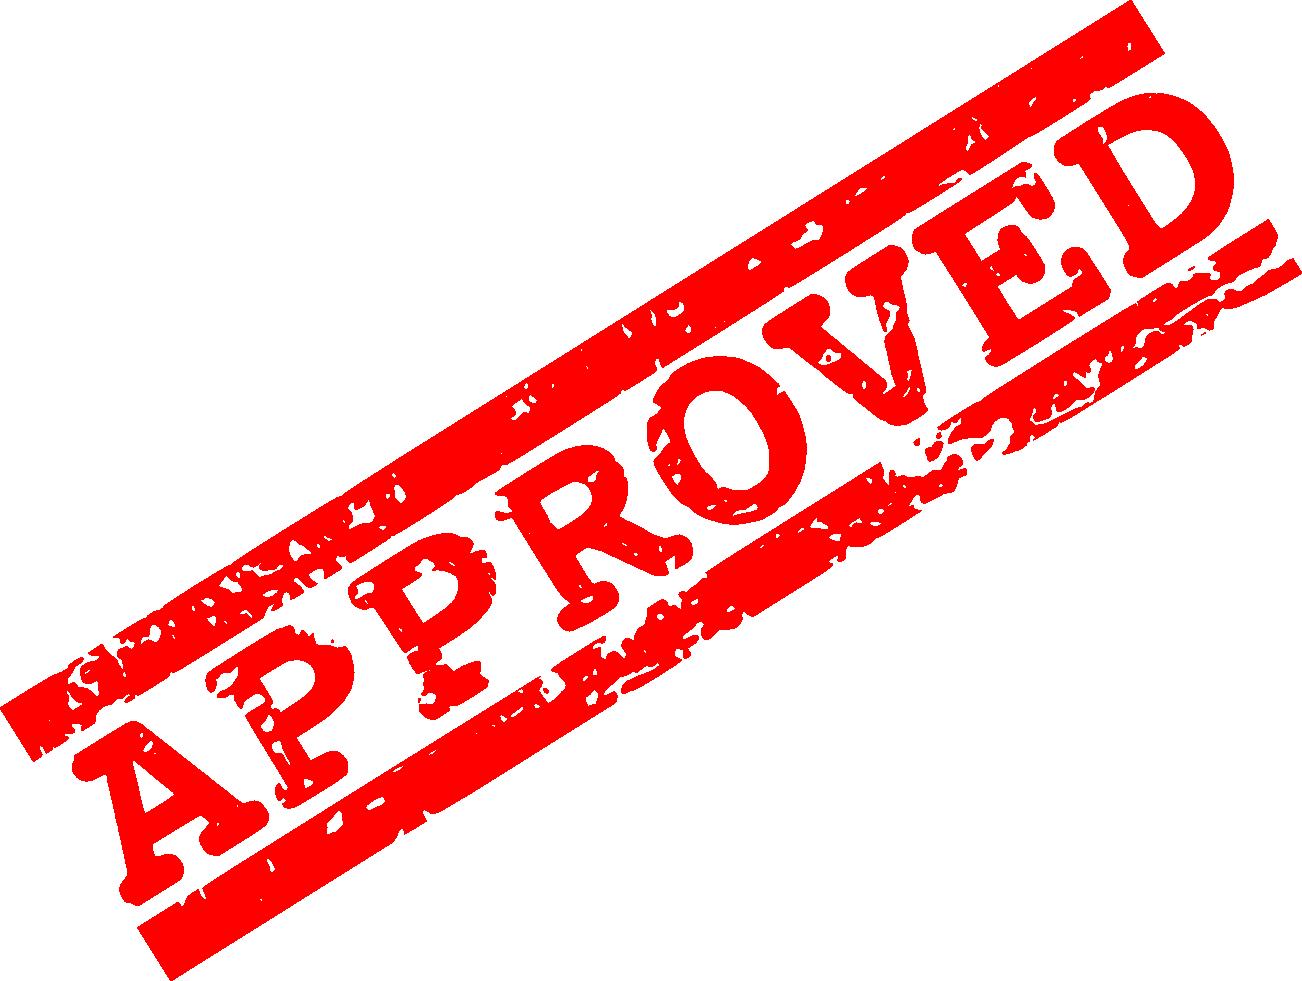 jpg stamp transparent approved #103721116